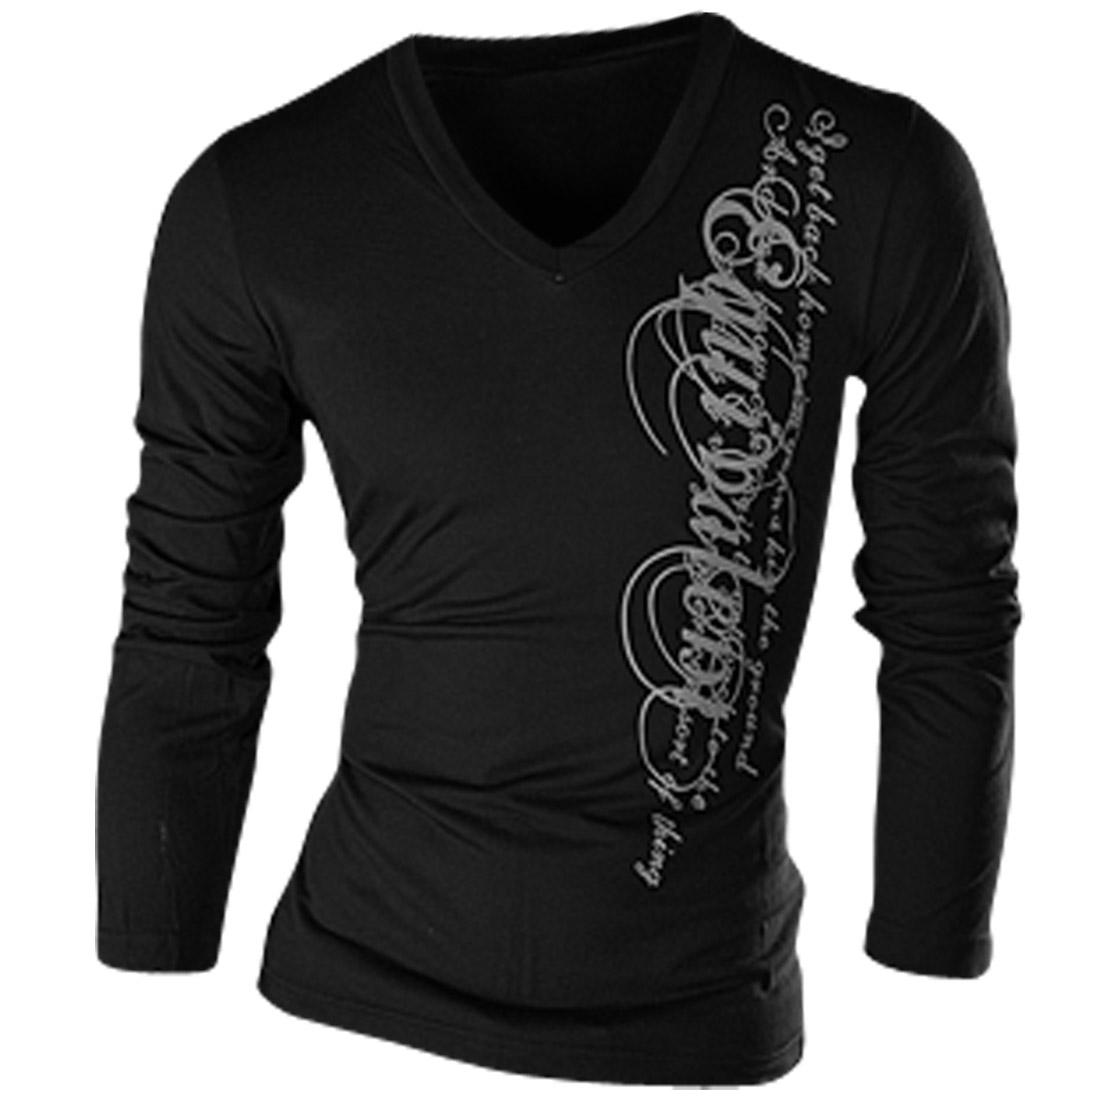 Man V Neck Long-sleeved Letter Pattern Black Tee Shirt M